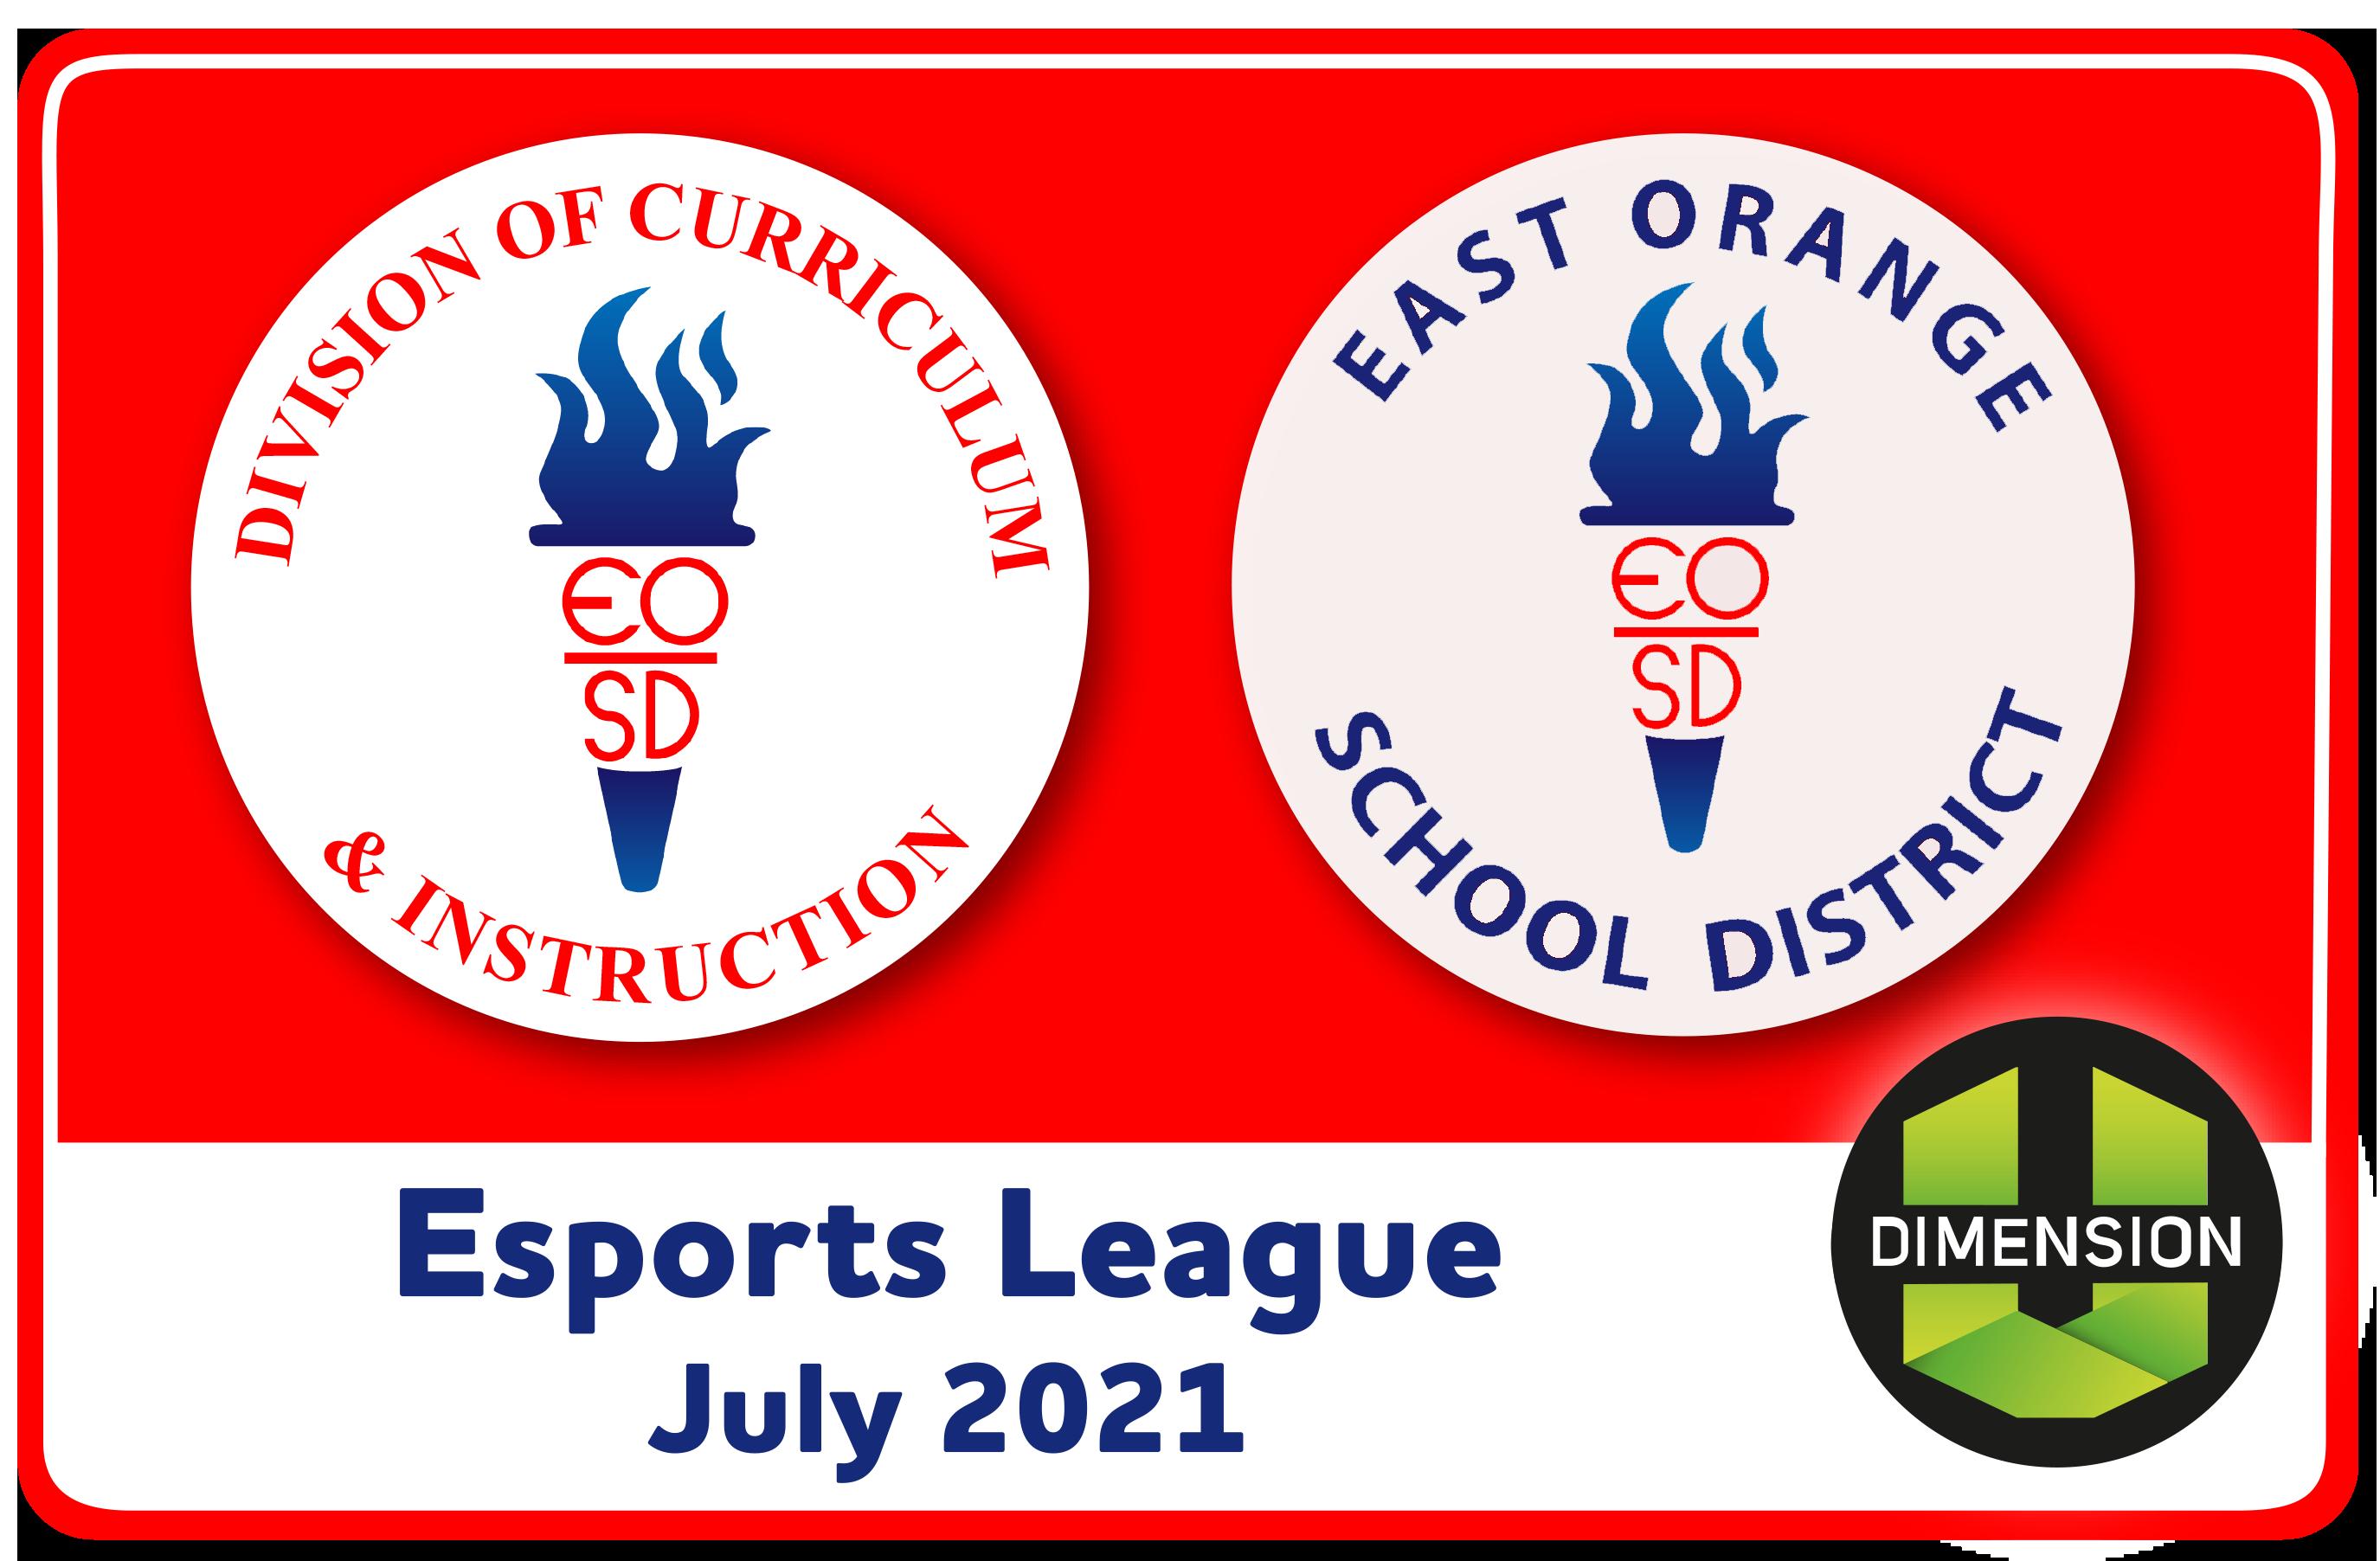 East Orange League emblems